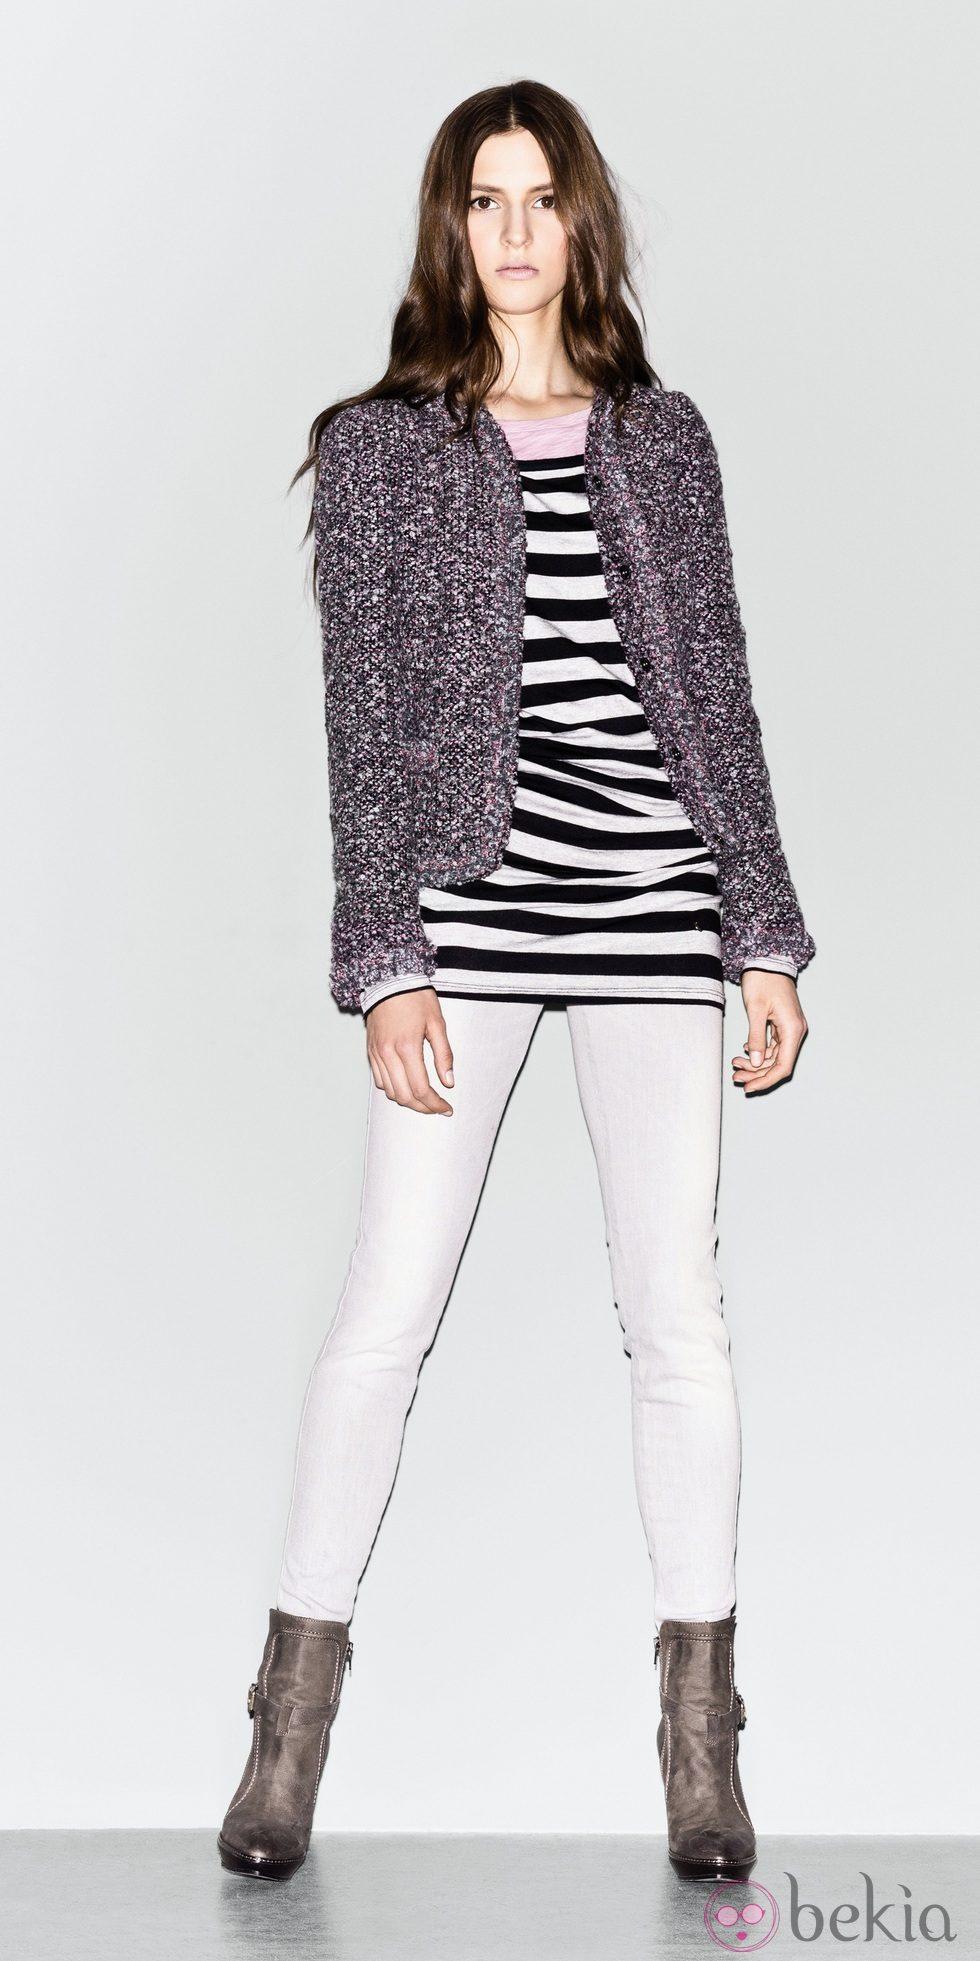 Chaqueta de tweed y camiseta de rayas de la colección de Sisley otoño/invierno 2012/2013